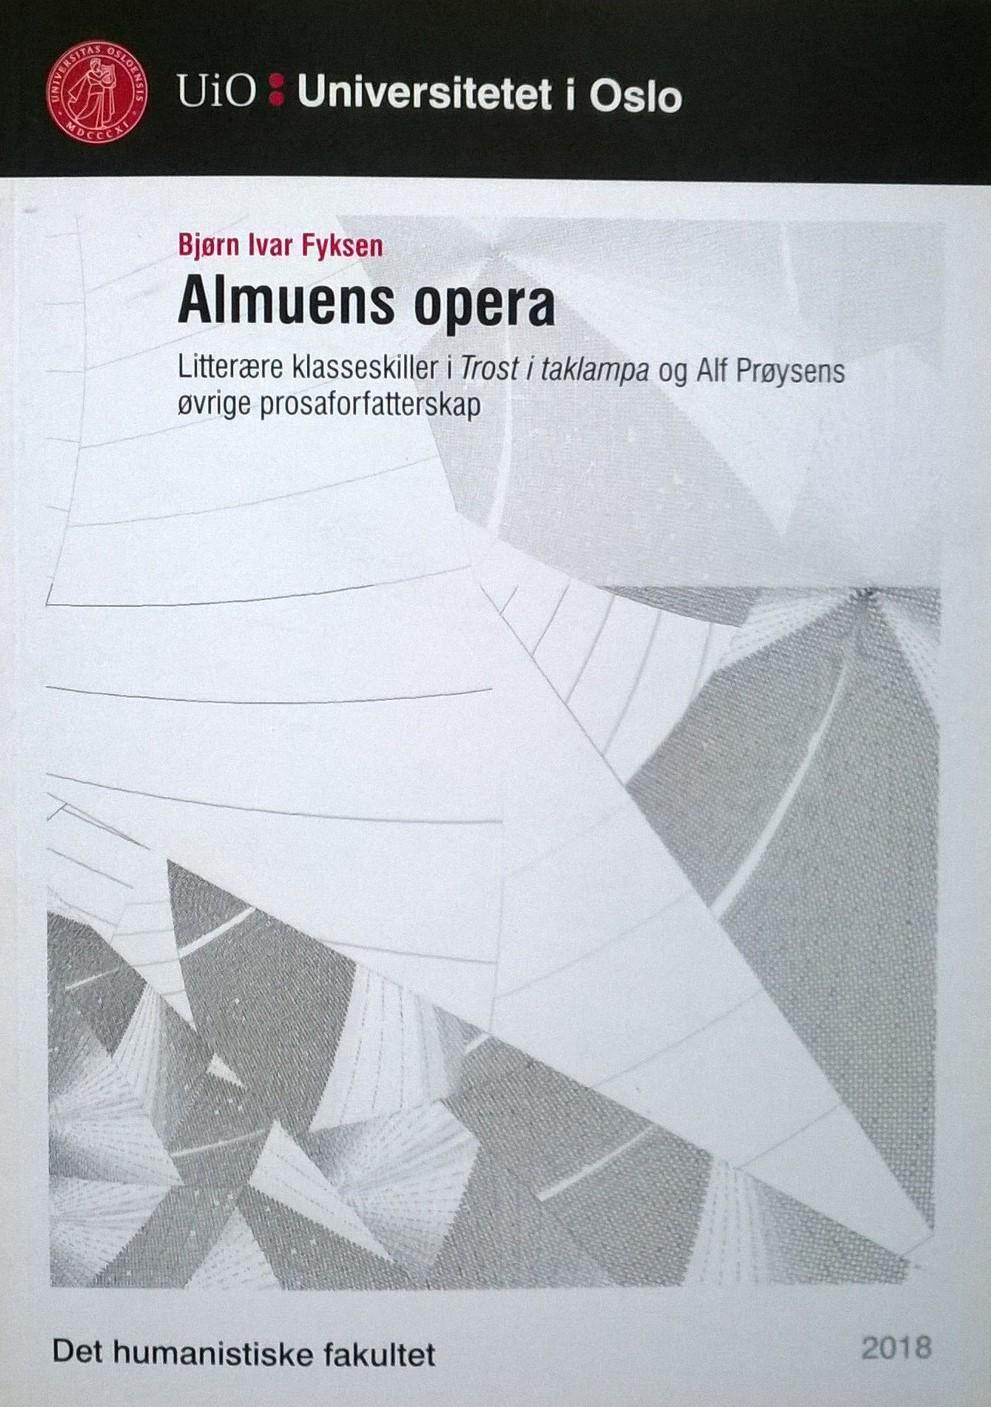 Fyksen, Bjørn Ivar Almuens opera: Litterære klasseskiller i Trost i taklampa og Alf Prøysens øvrige prosaforfatterskap